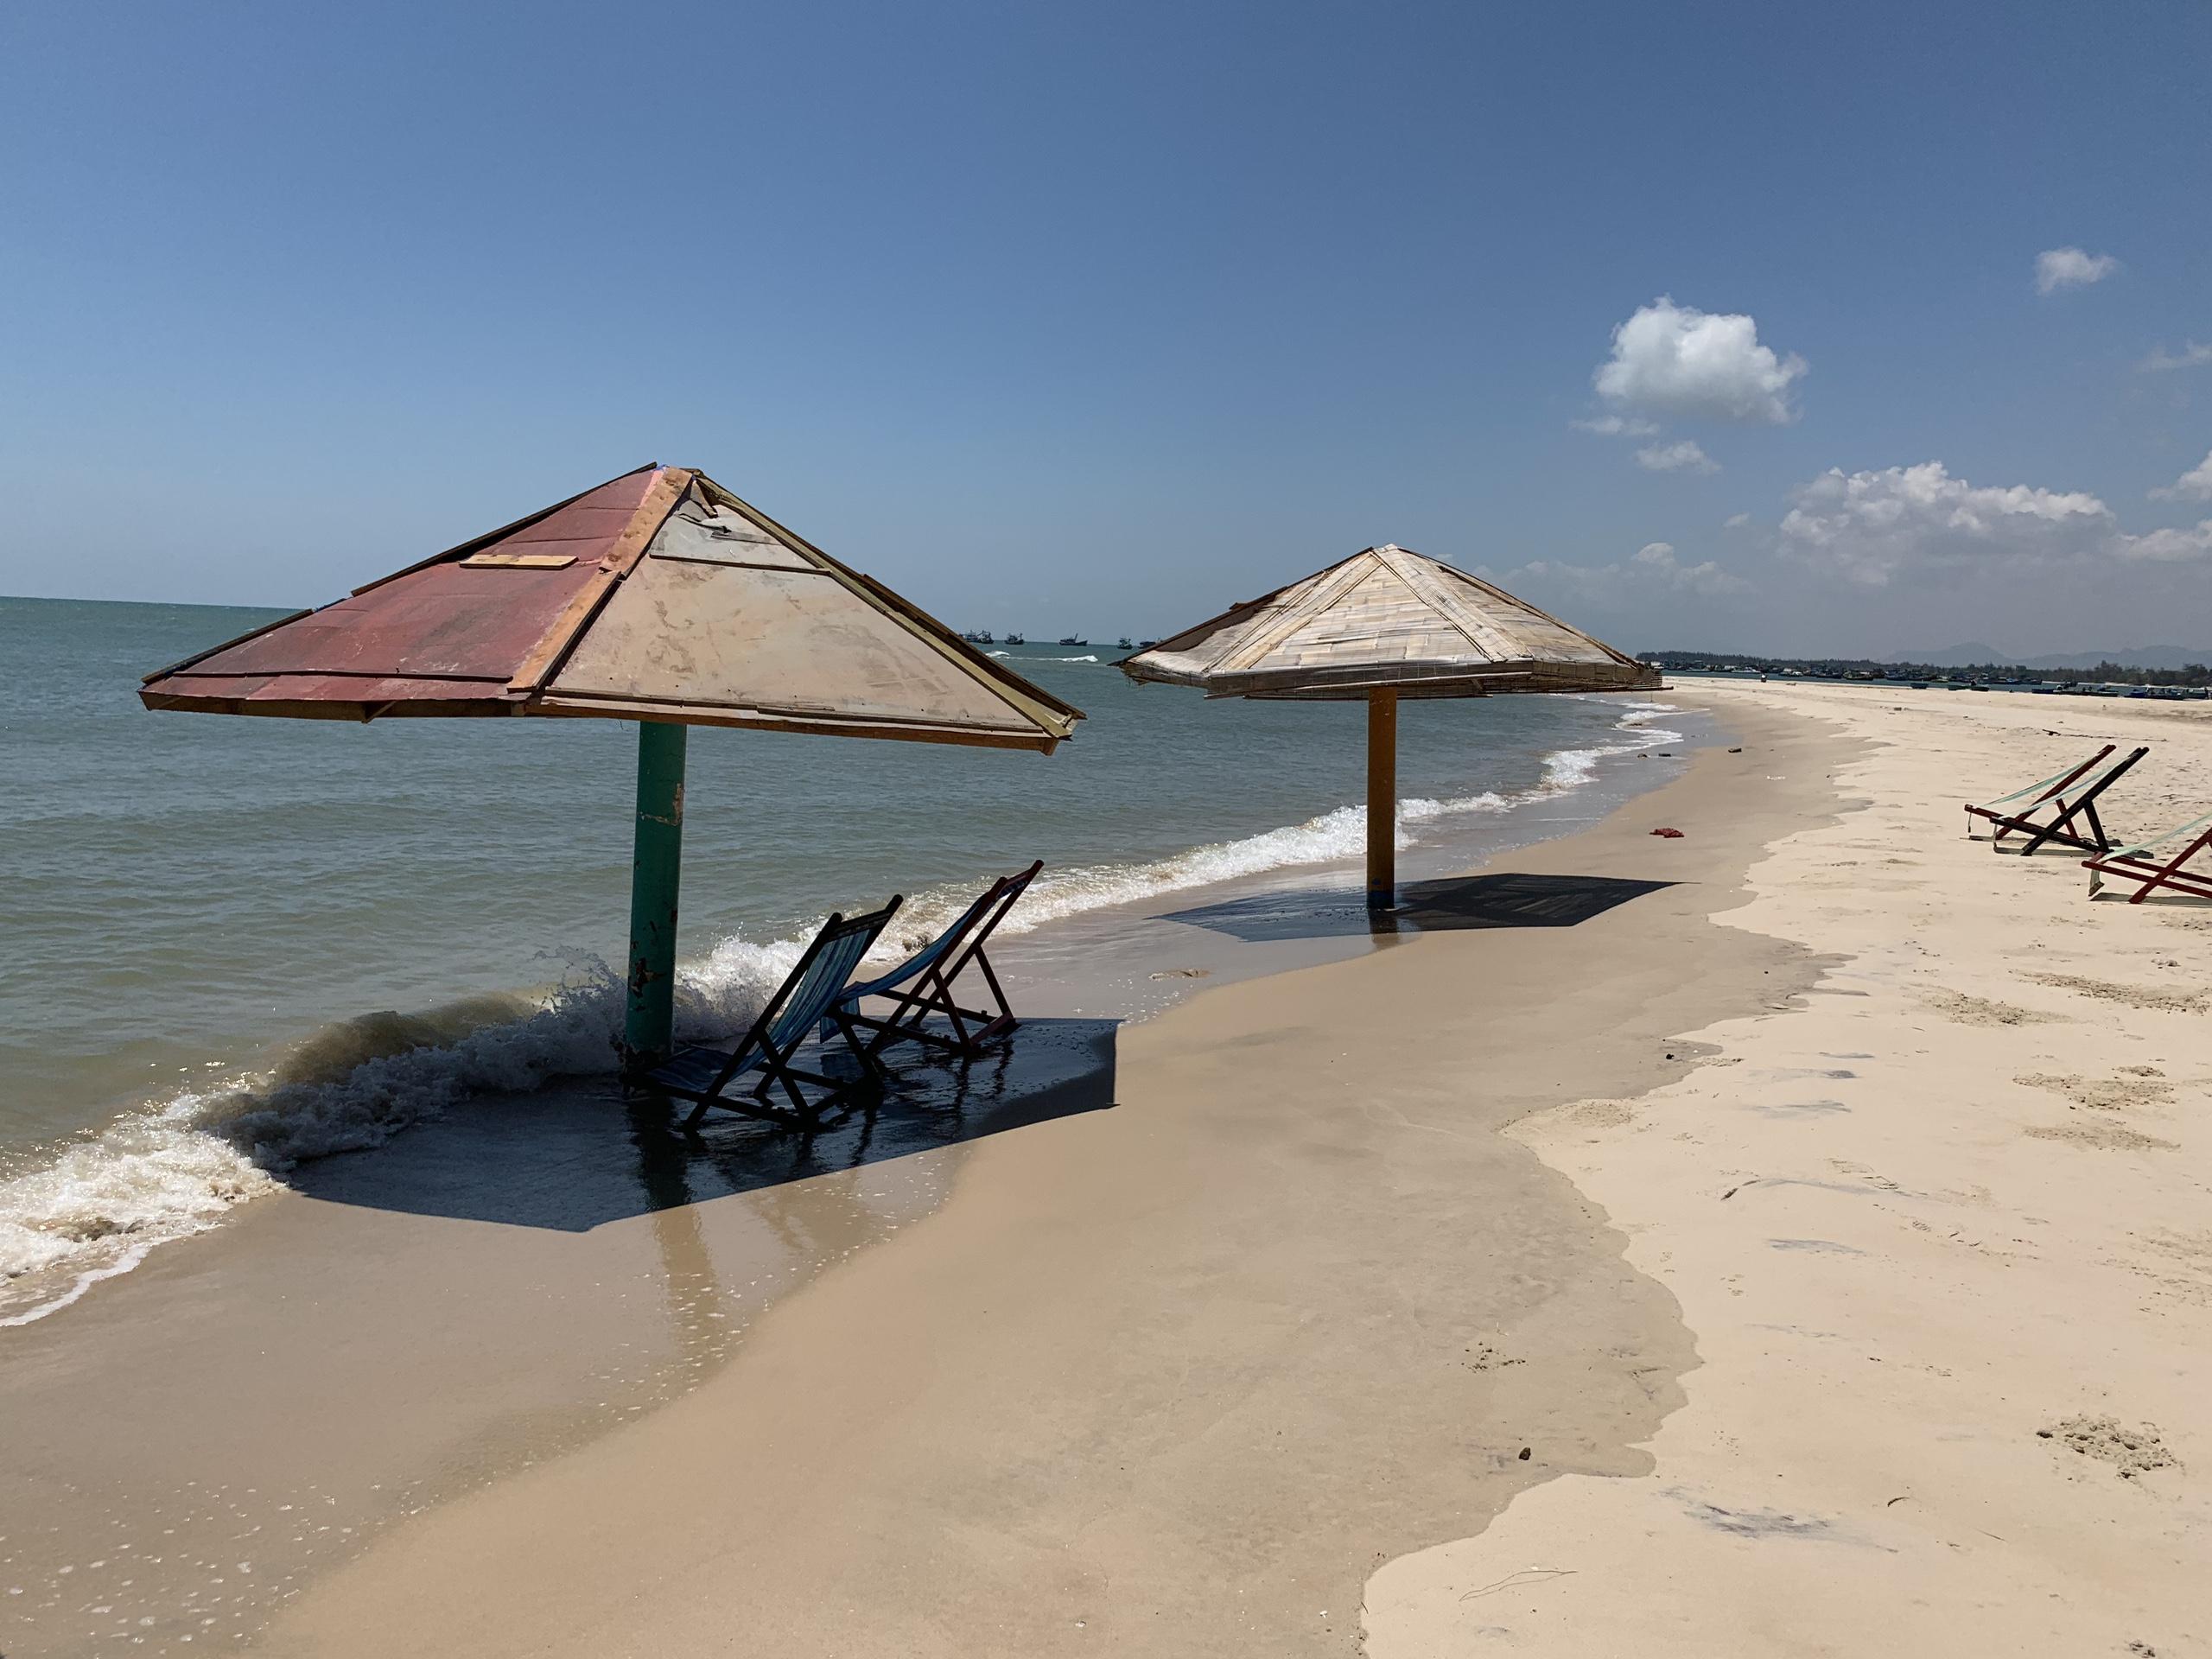 Condotel biển đá vàng resort Mũi kê gà phan thiết